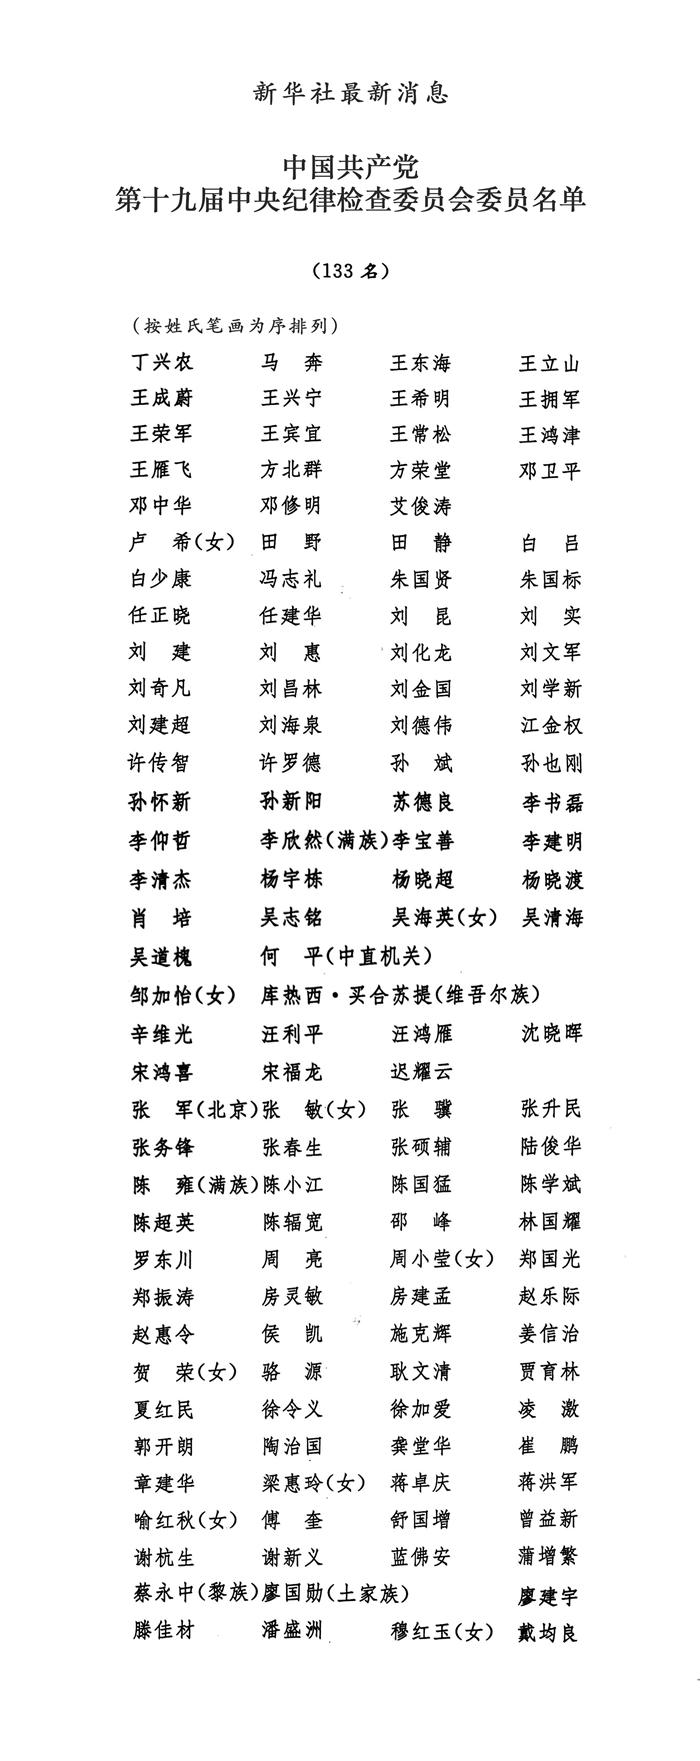 中国共产 党第十九届中央纪律 检查委员会委员名单|一分快三计划-张家口国特环保工程有限公司